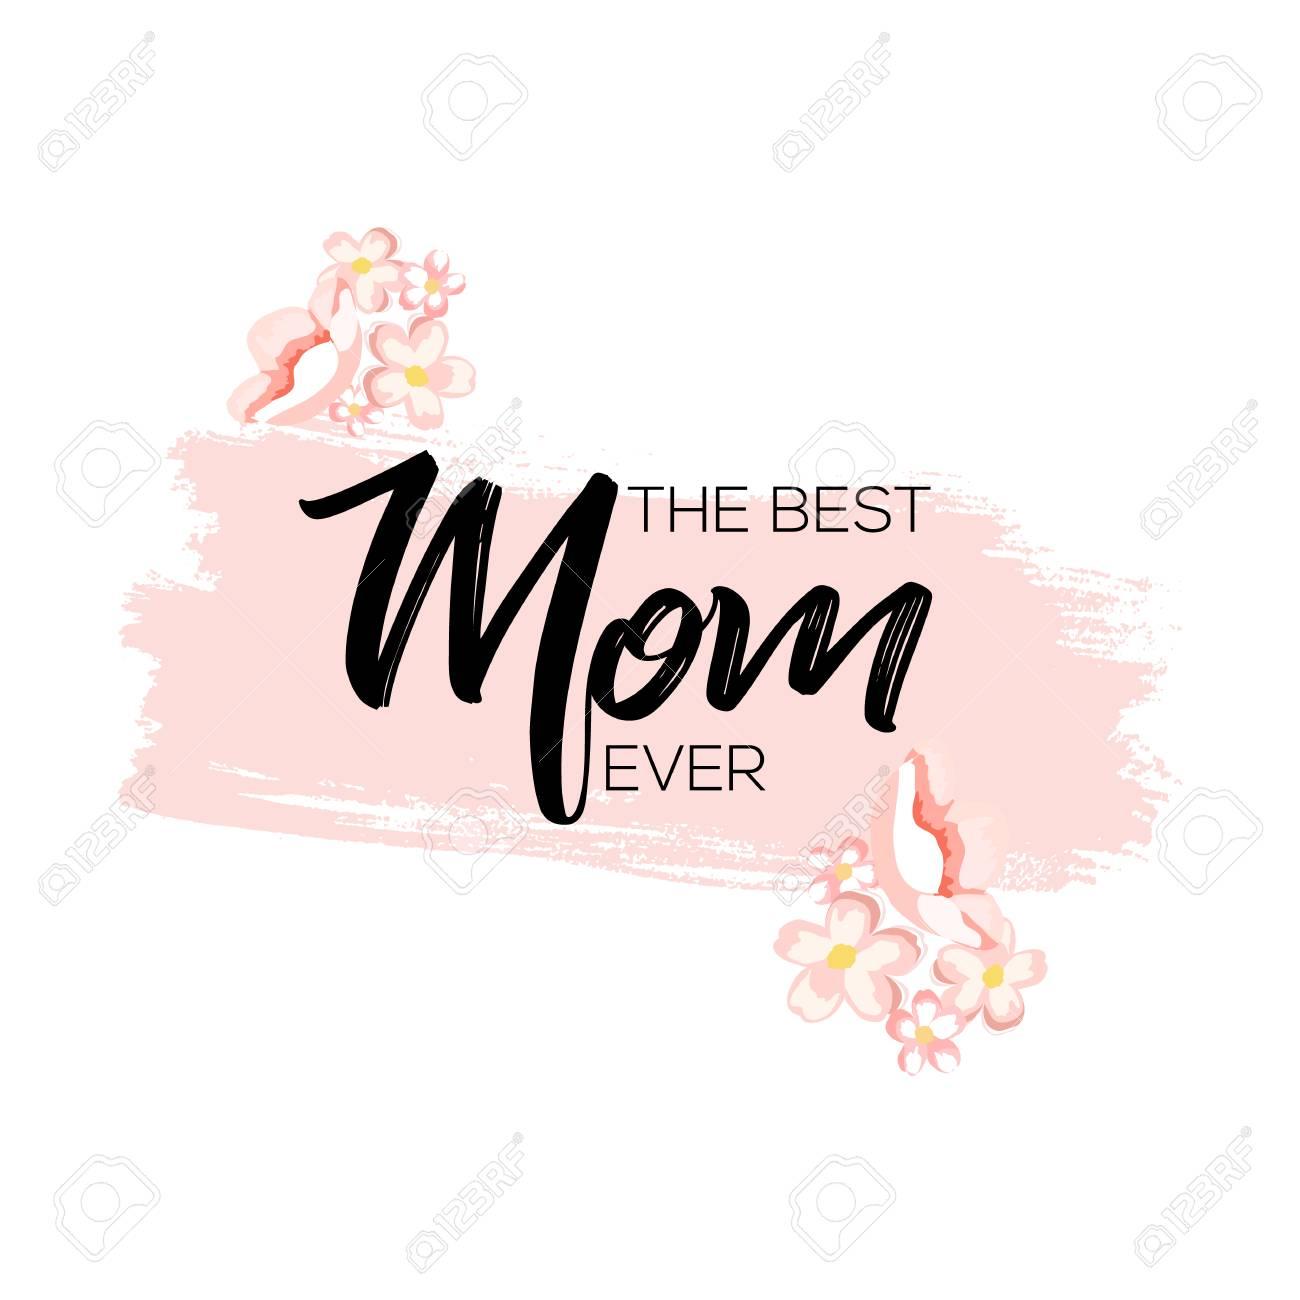 Muttertag Grußkarte Mit Blumen Und Pinsel Malen Hintergrund